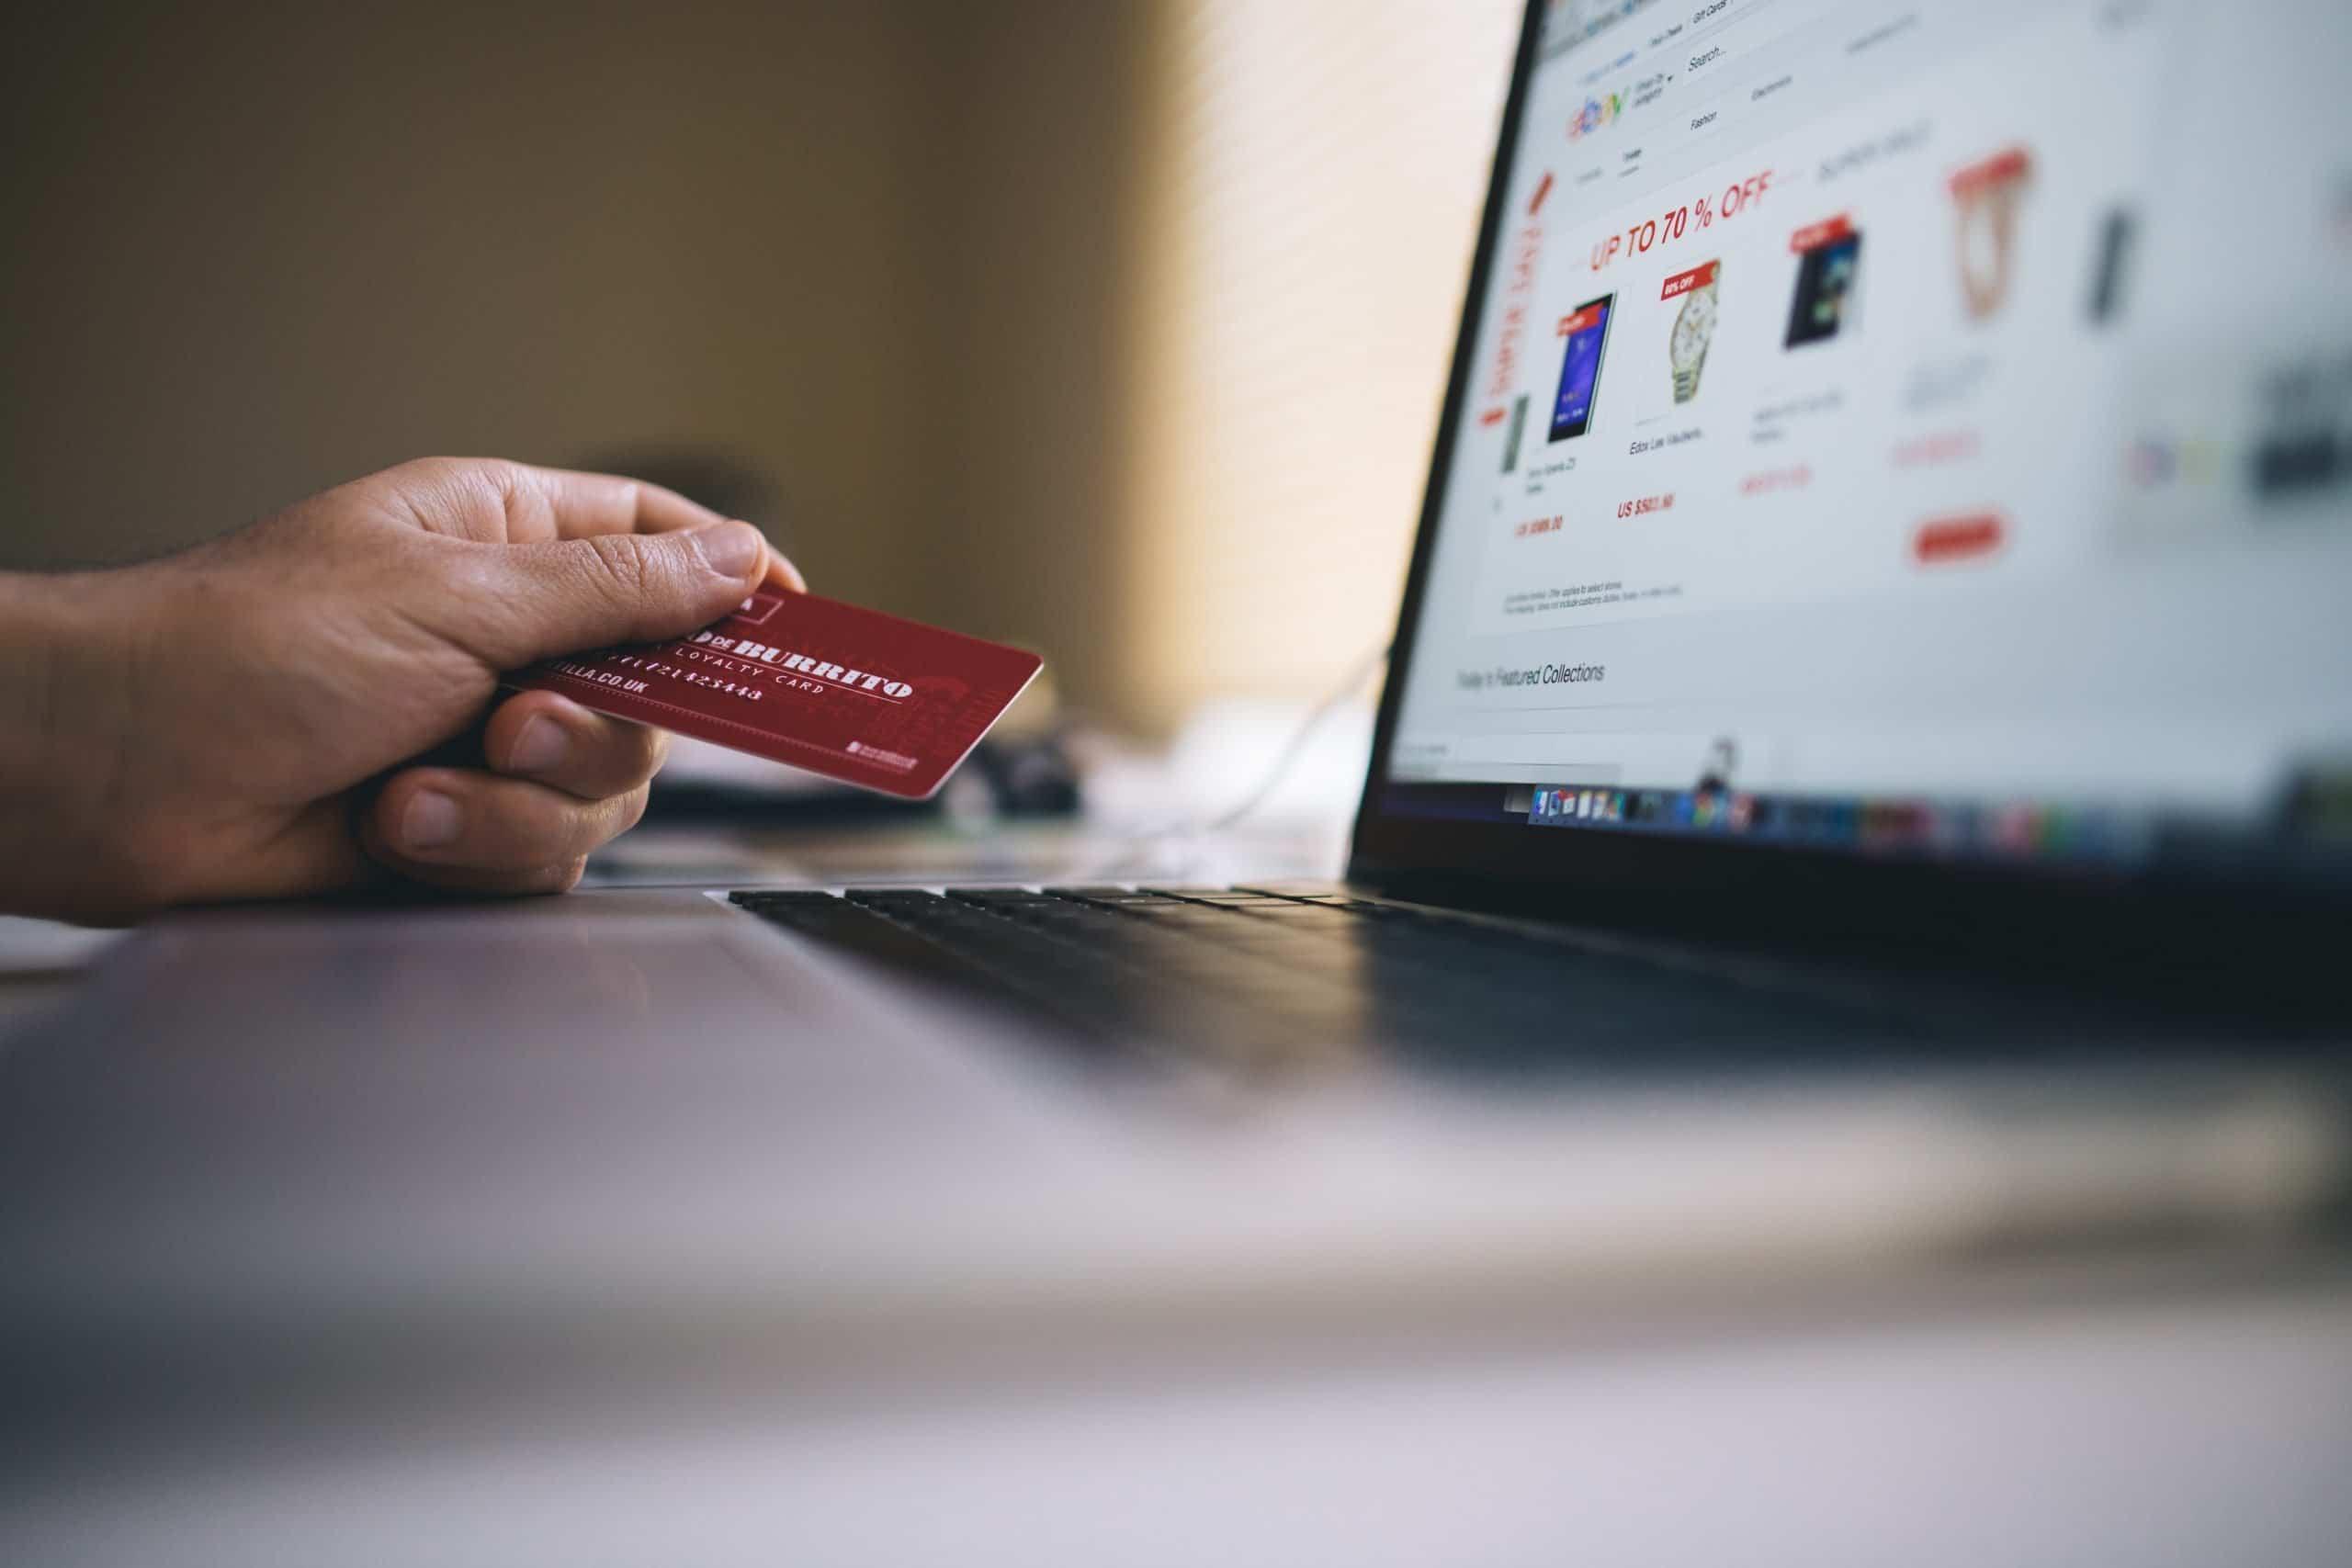 Consigli per migliorare il vostro il vostro e-commerce